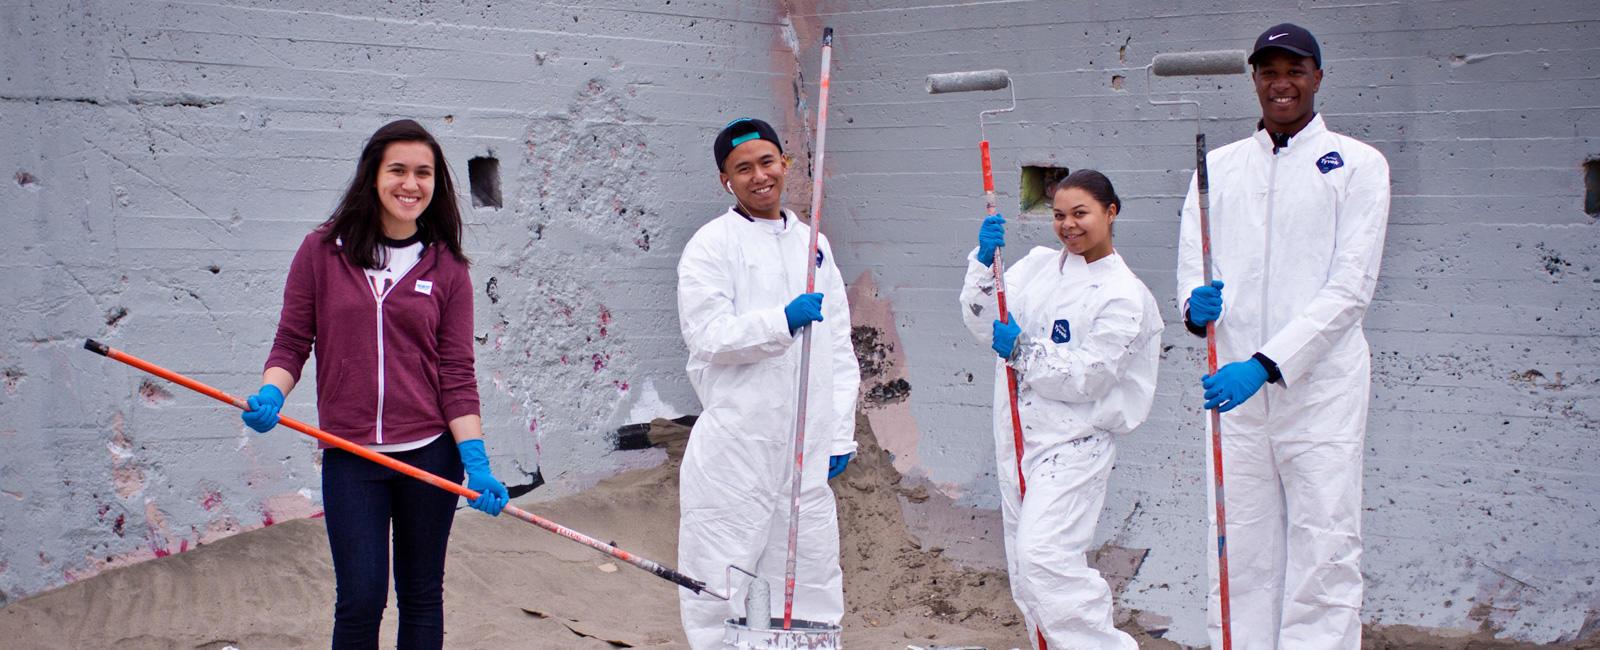 Volunteers Maintaining Ocean Beach